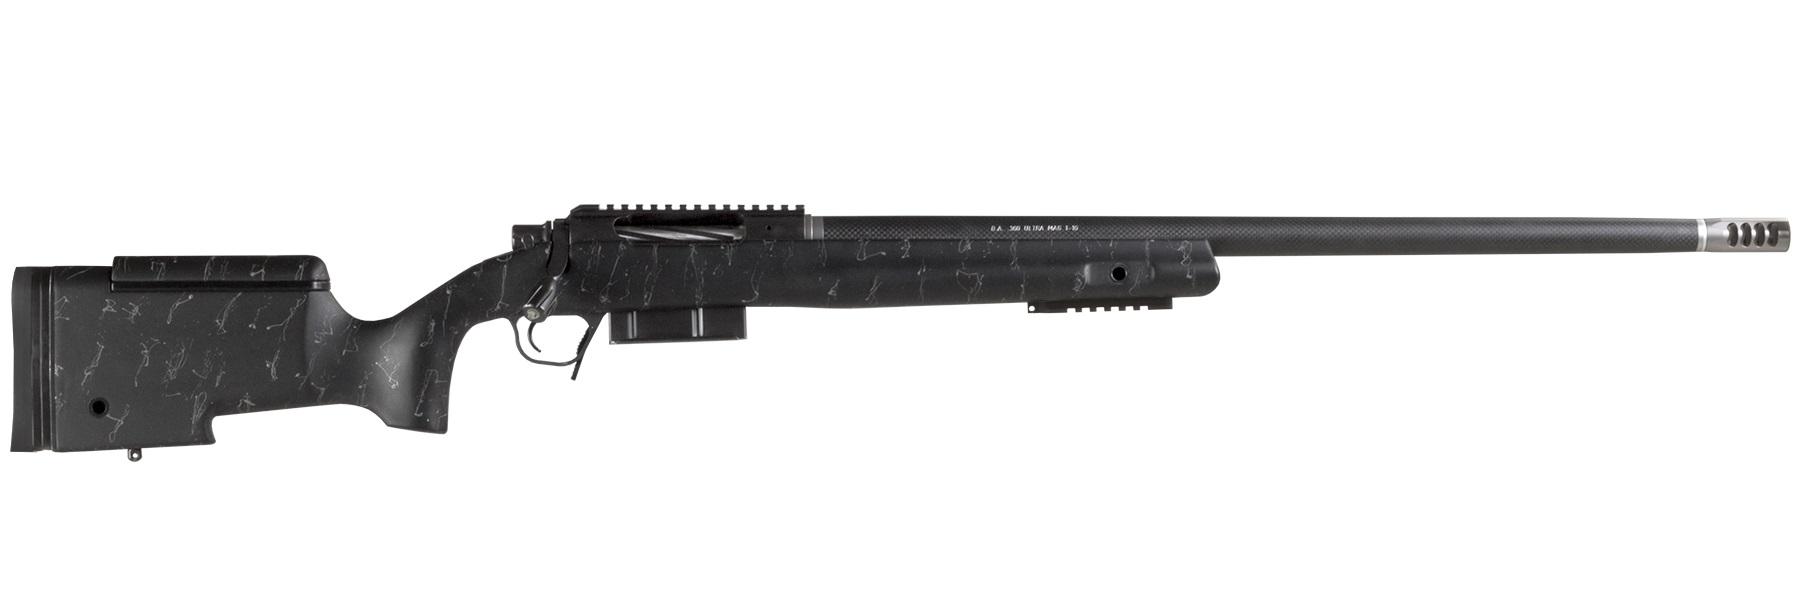 Christensen Arms BA TACTICAL 6.5 CREEDMOOR